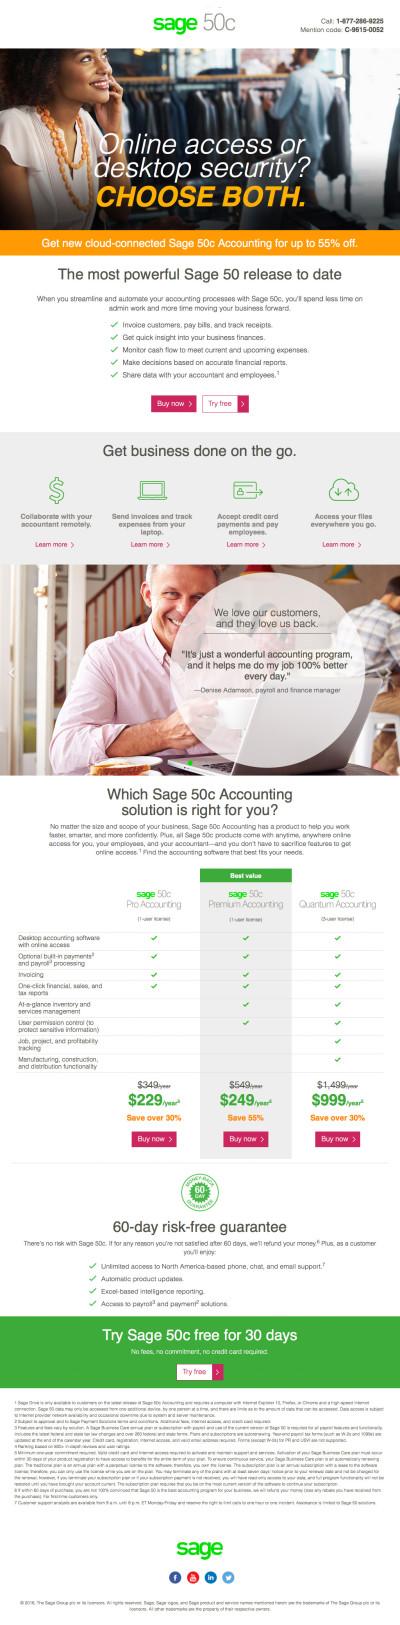 Sage 50c US Branded Offer C Landing Page